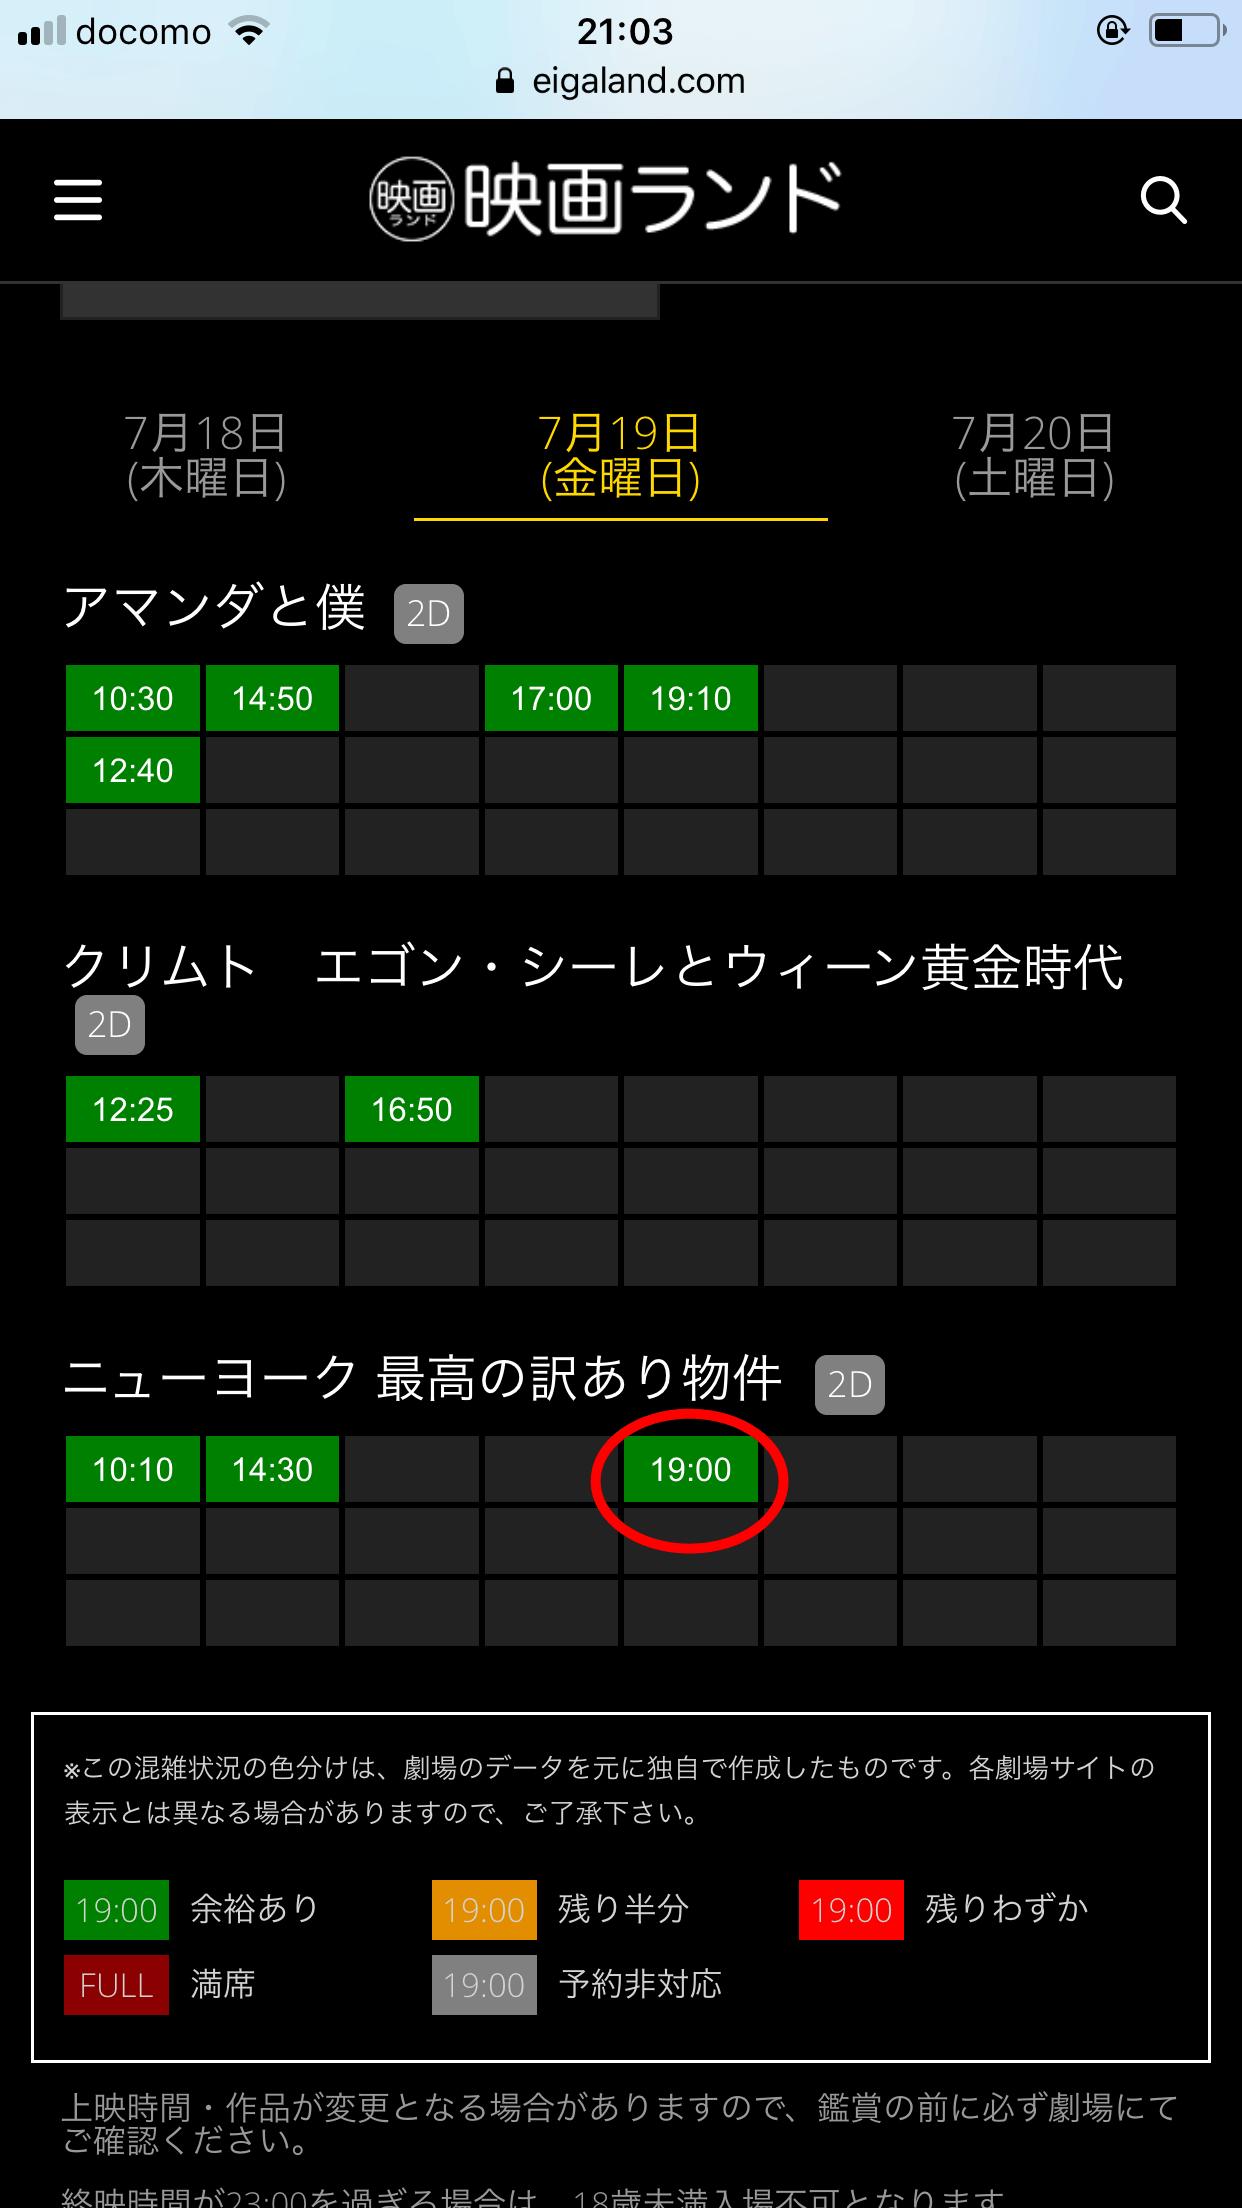 シネスイッチ銀座上映インターネット予約